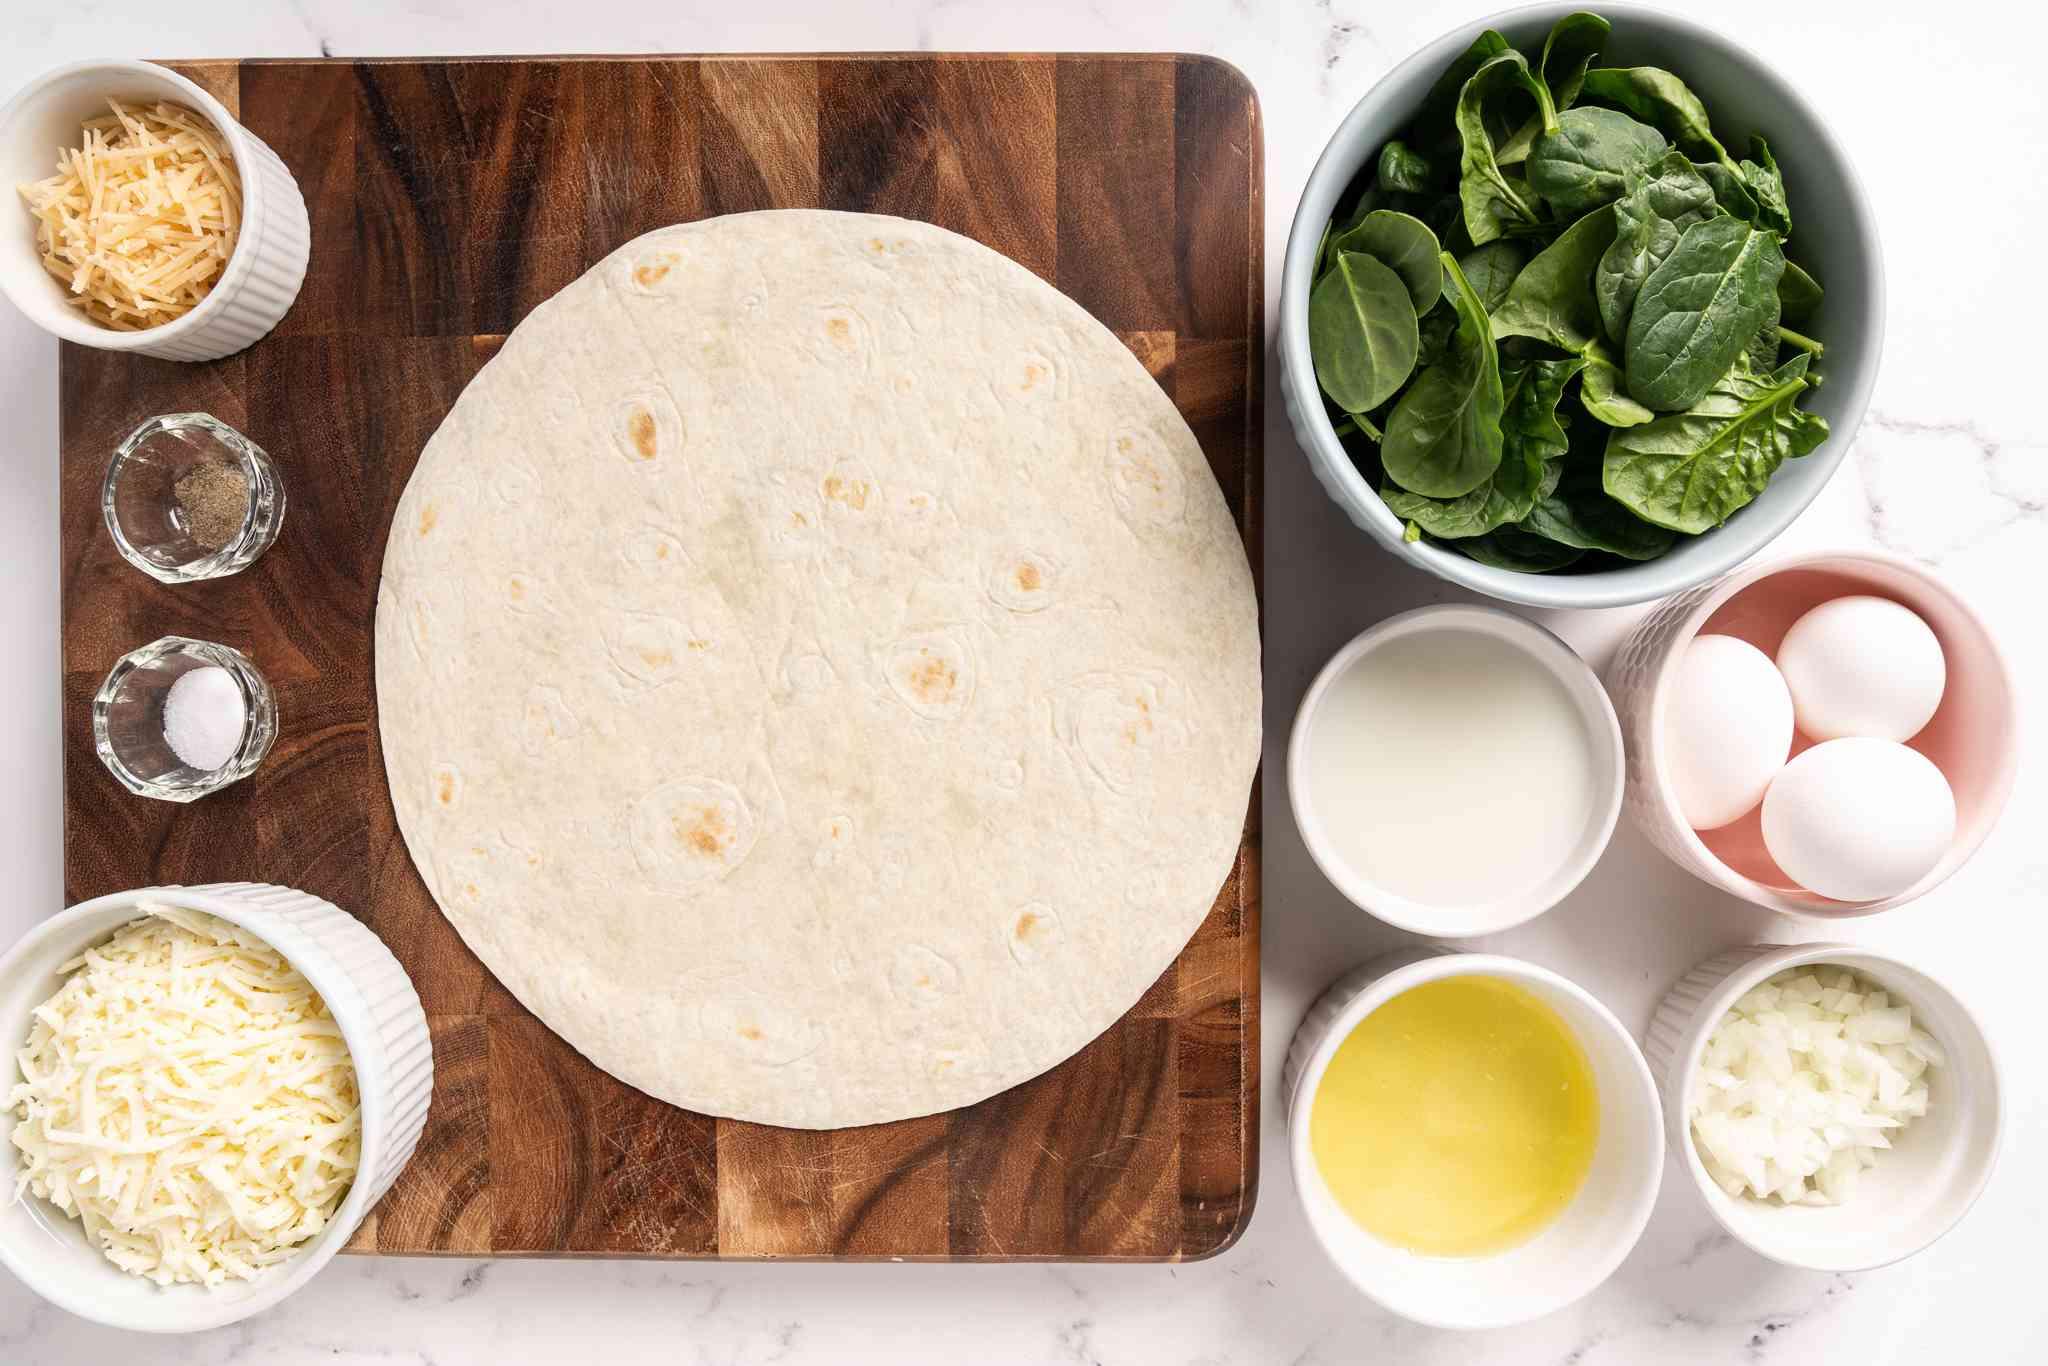 Ingredients to make spinach quiche